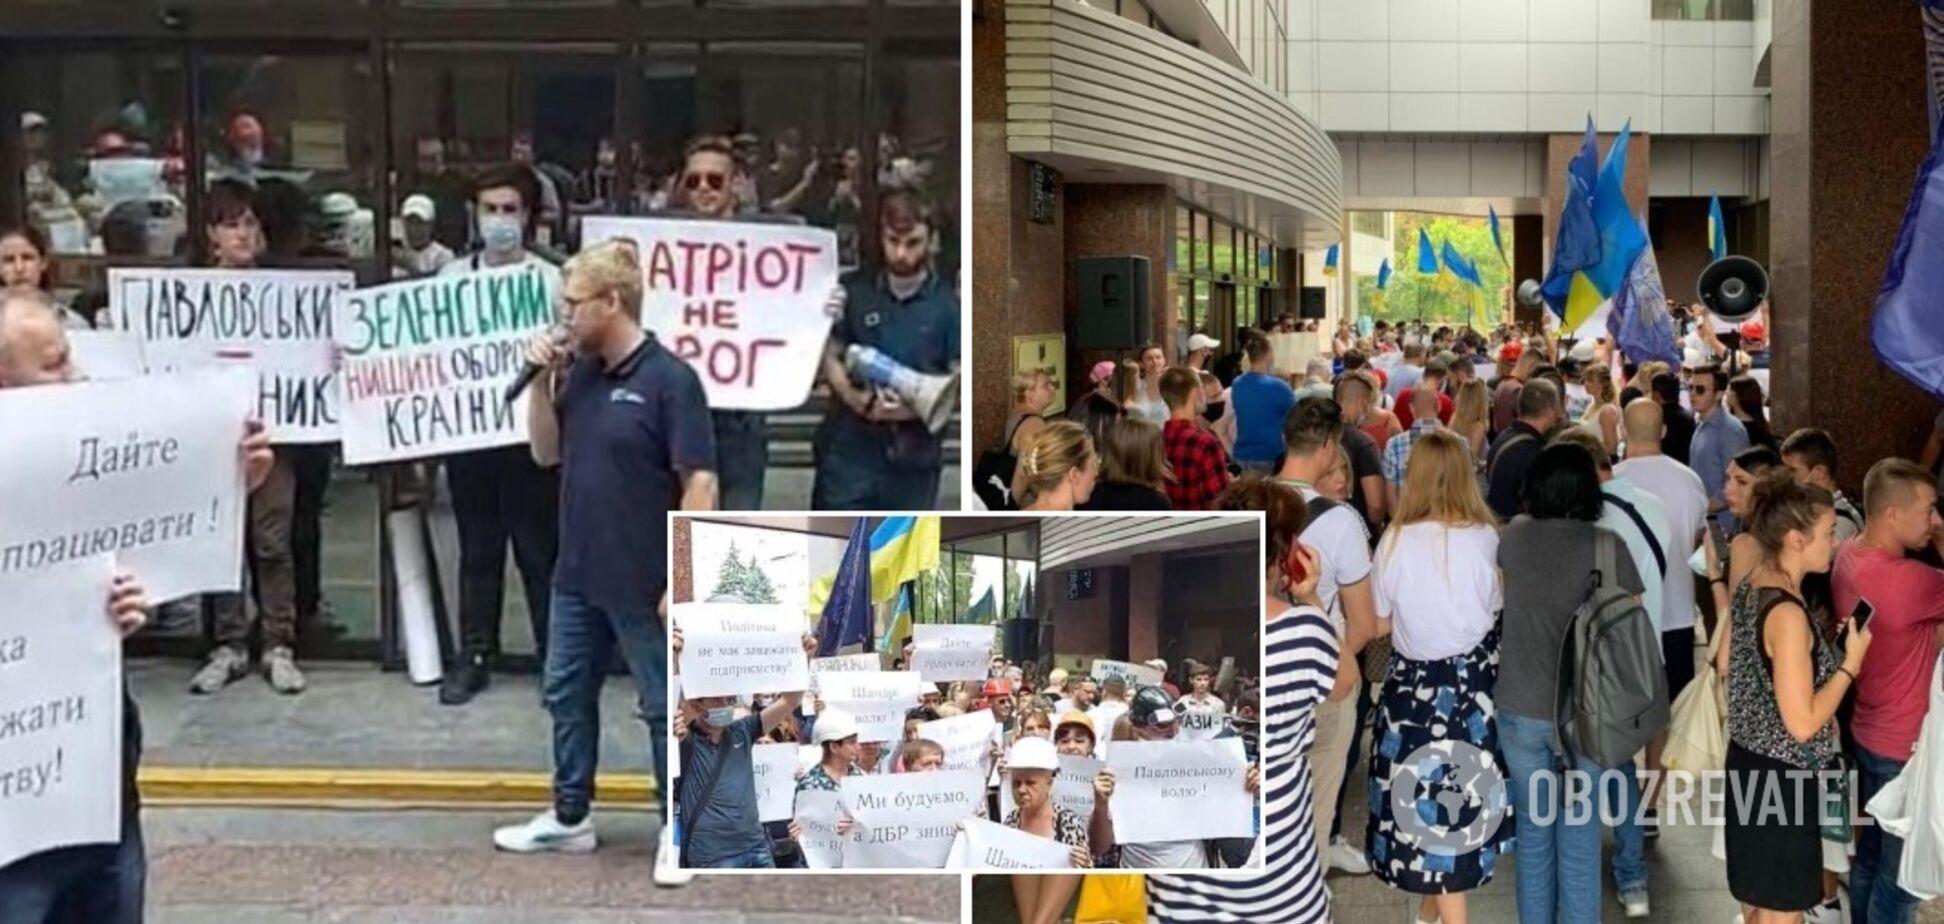 Украинские патриоты, политики и неравнодушные граждане требуют прекратить безосновательное судилище над боевым генералом Павловским